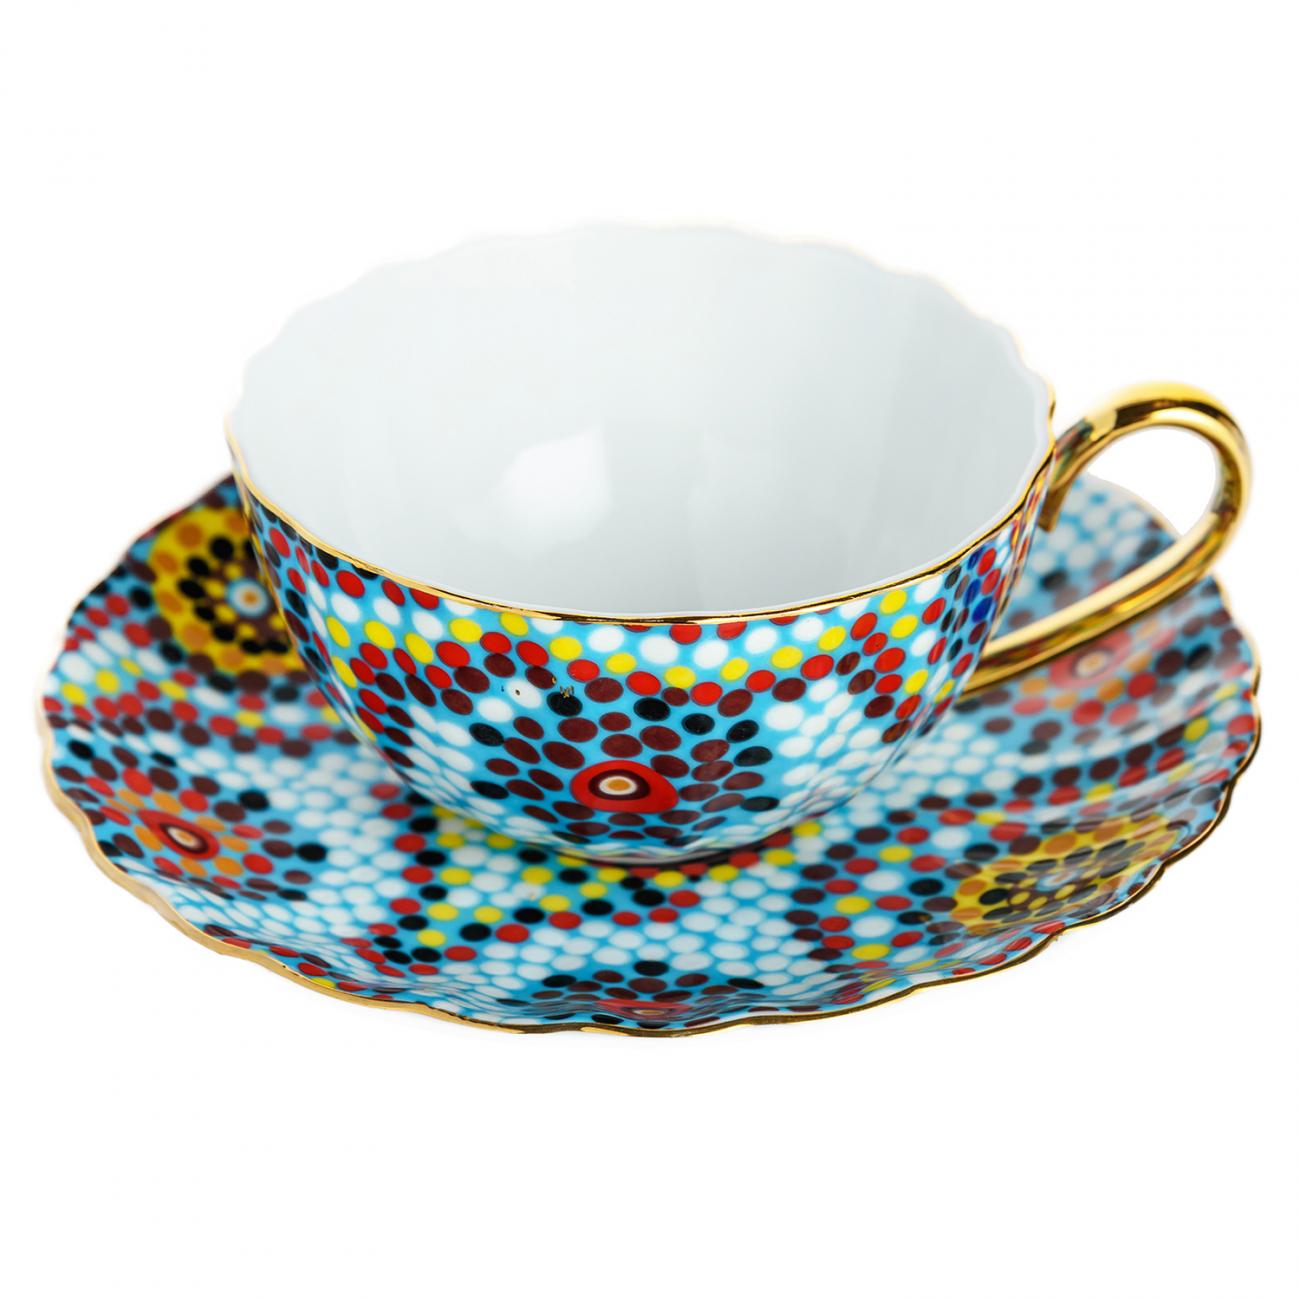 Купить Чайная пара Мозаика Голубая в интернет магазине дизайнерской мебели и аксессуаров для дома и дачи